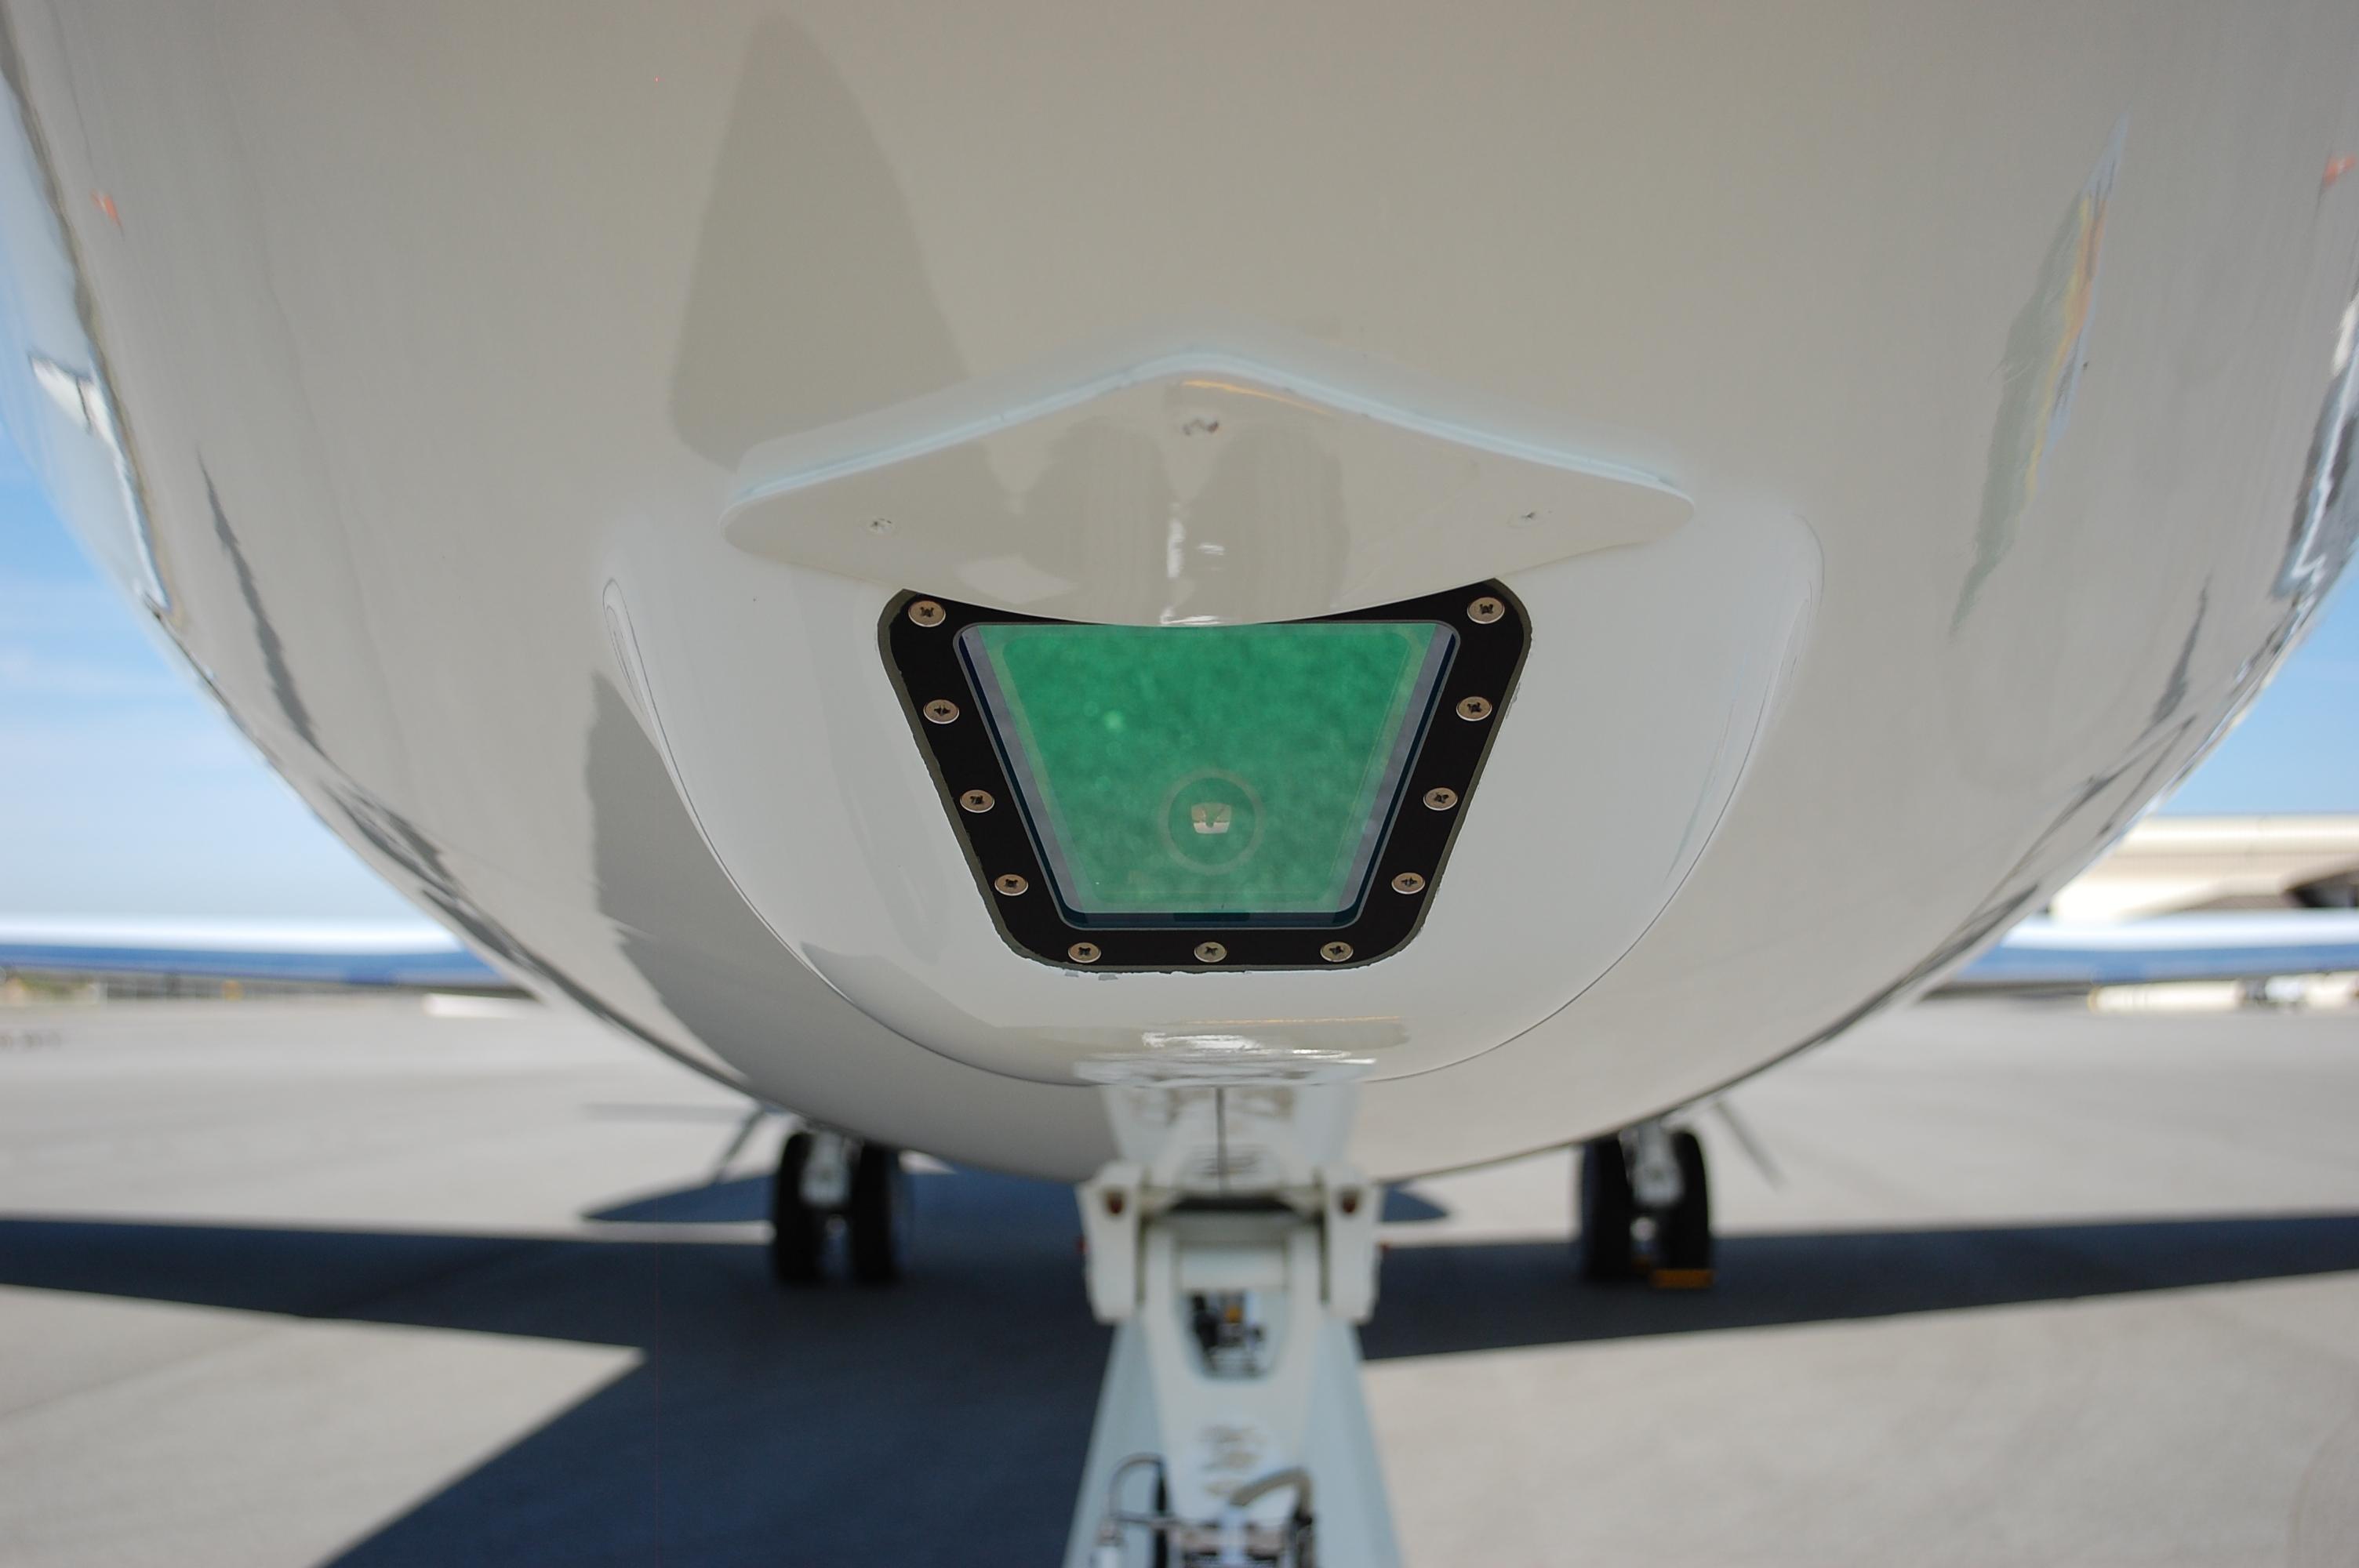 Enhanced flight vision system - Wikipedia